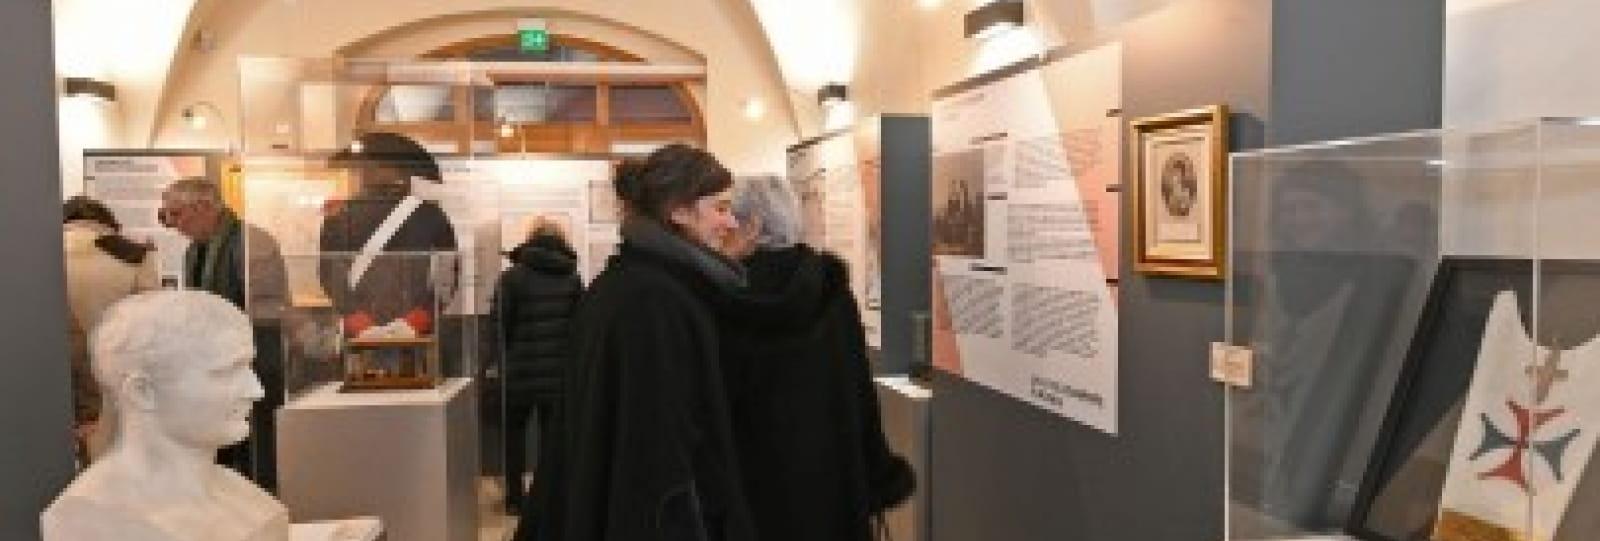 Centre d'Interprétation de l'Architecture et du Patrimoine : Valence ville militaire, sur les pas de Bonaparte